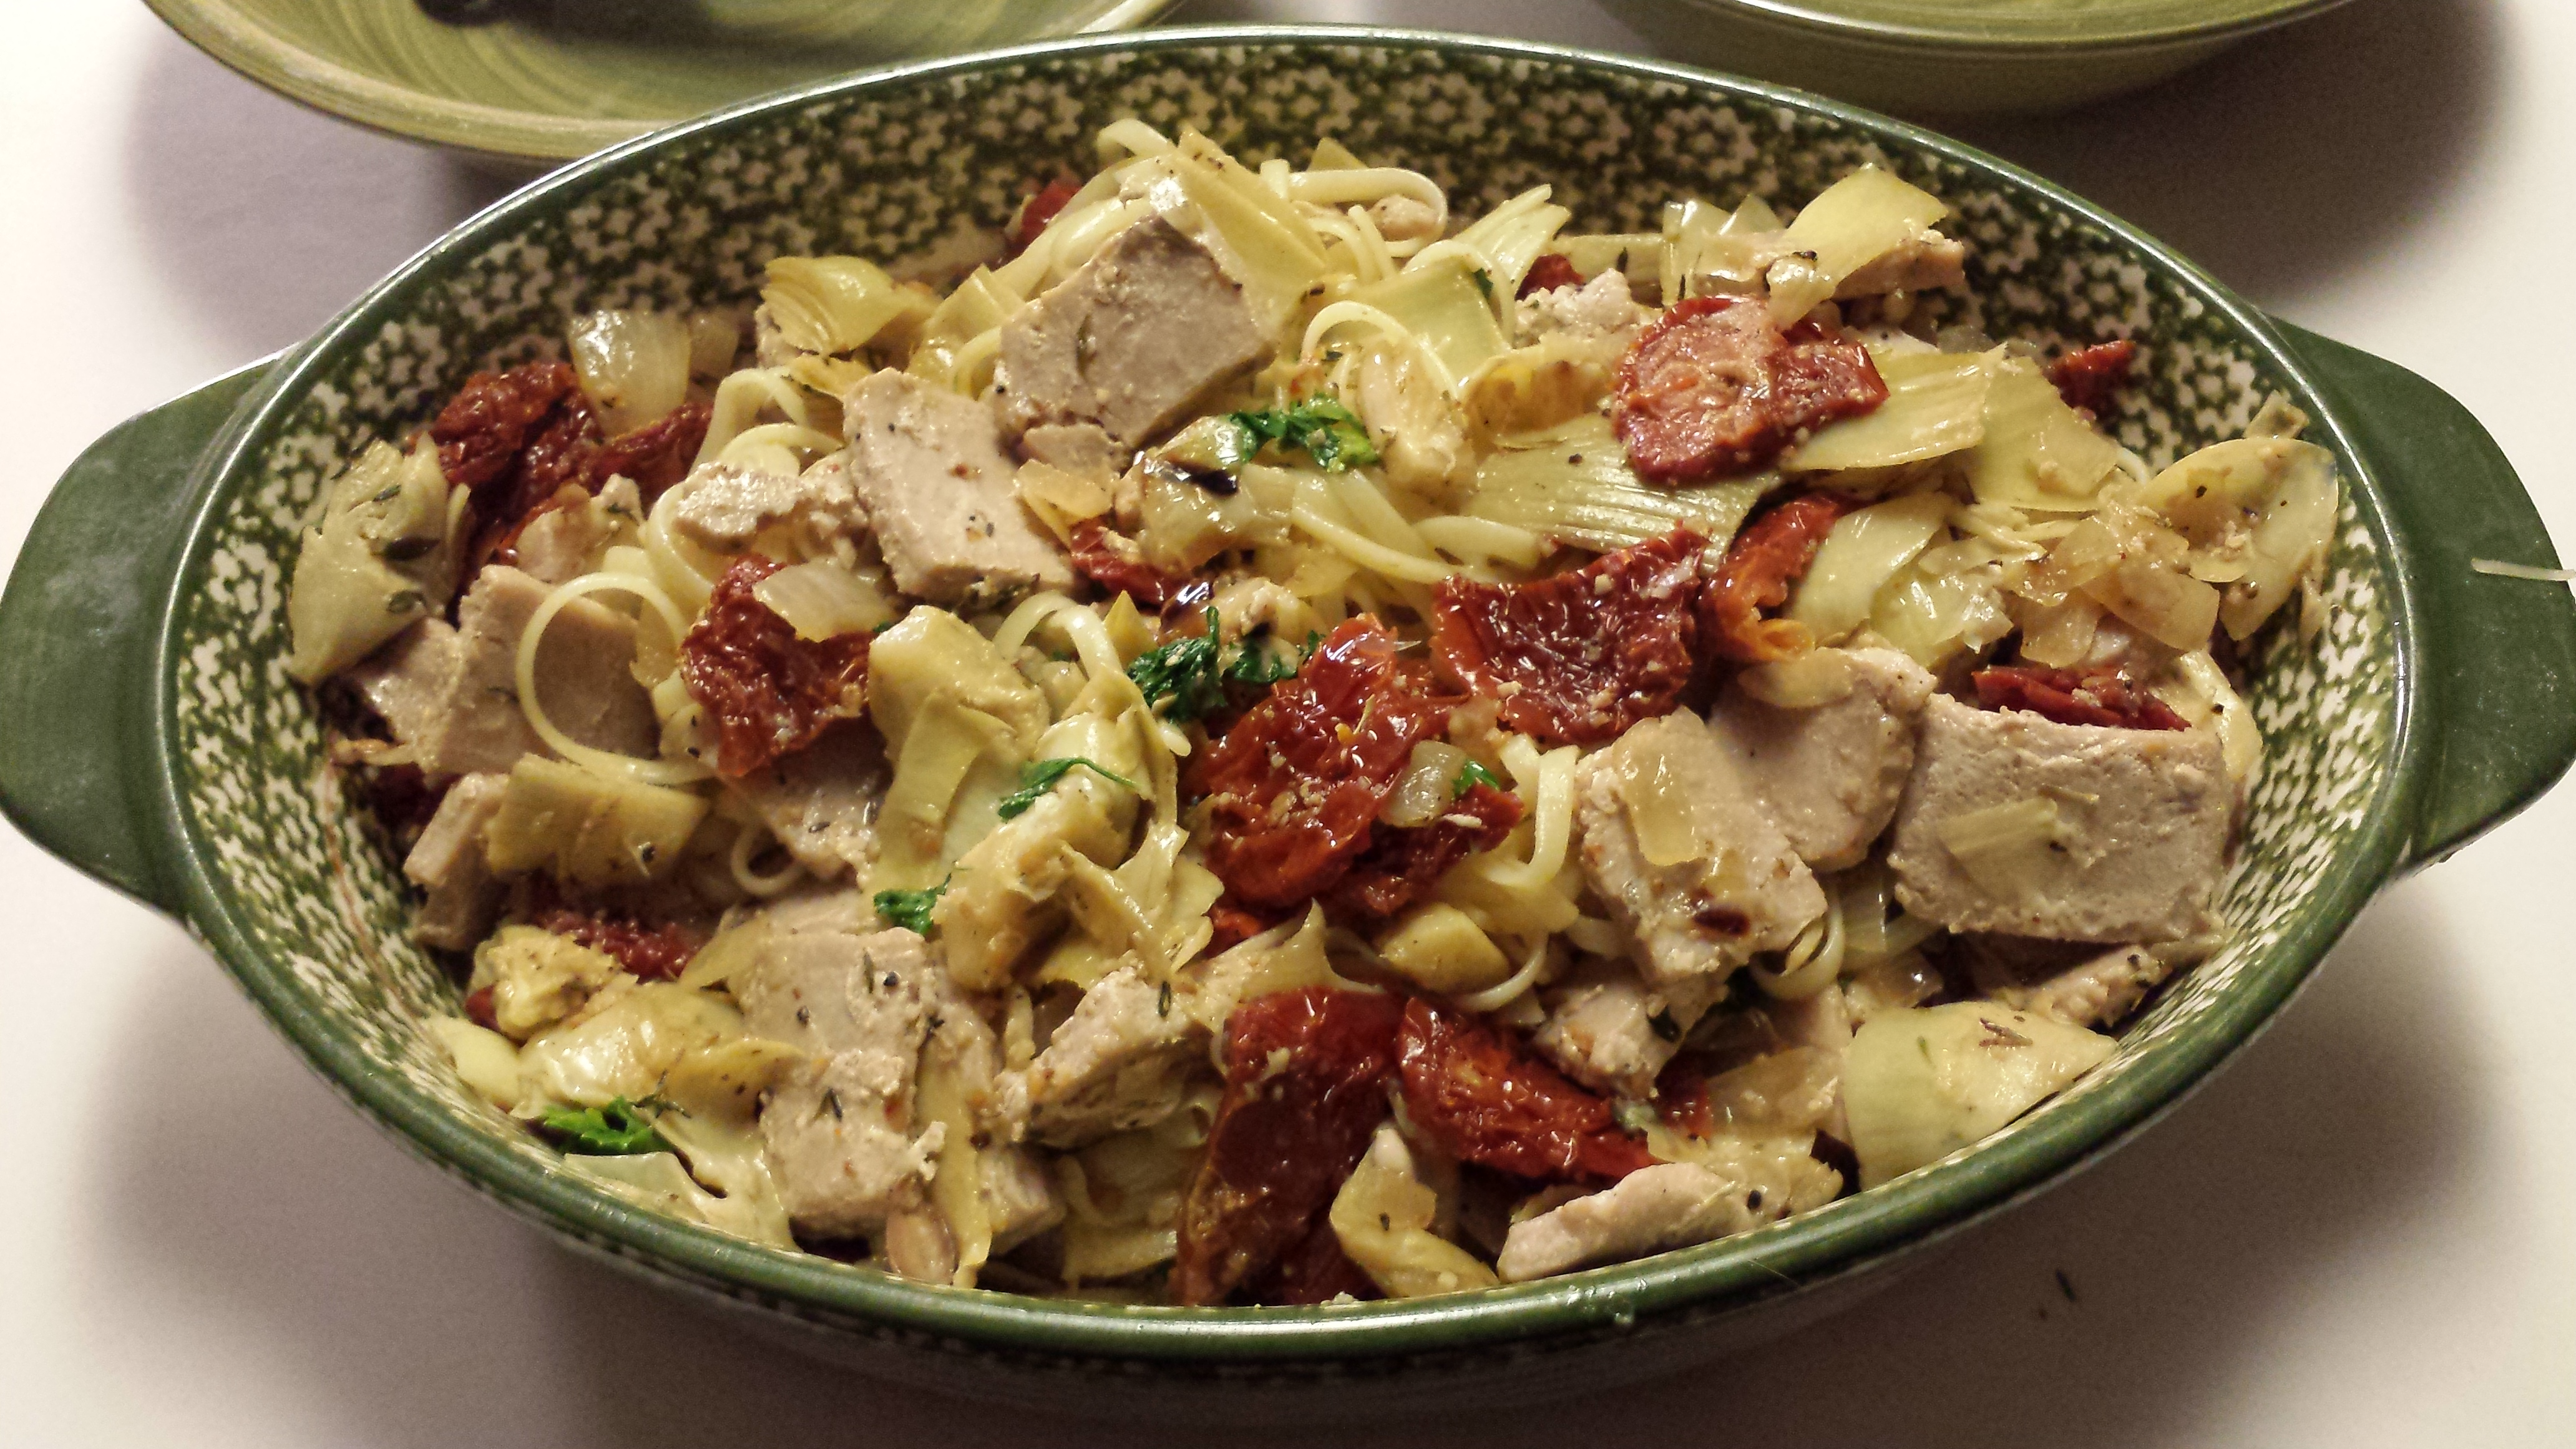 Pasta with Tuna, Sun-Dried Tomatoes, Artichoke Hearts, Lemon, and White Wine James